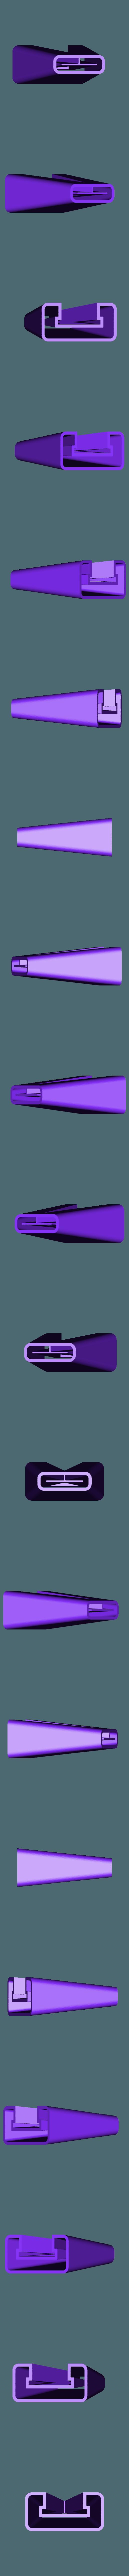 3cm_BiasTape_Q2.stl Download free STL file 3cm / 3.5cm / 4cm / 5cm Simple Bias Tape Maker, zakladac pasku • 3D printable template, ongaroo